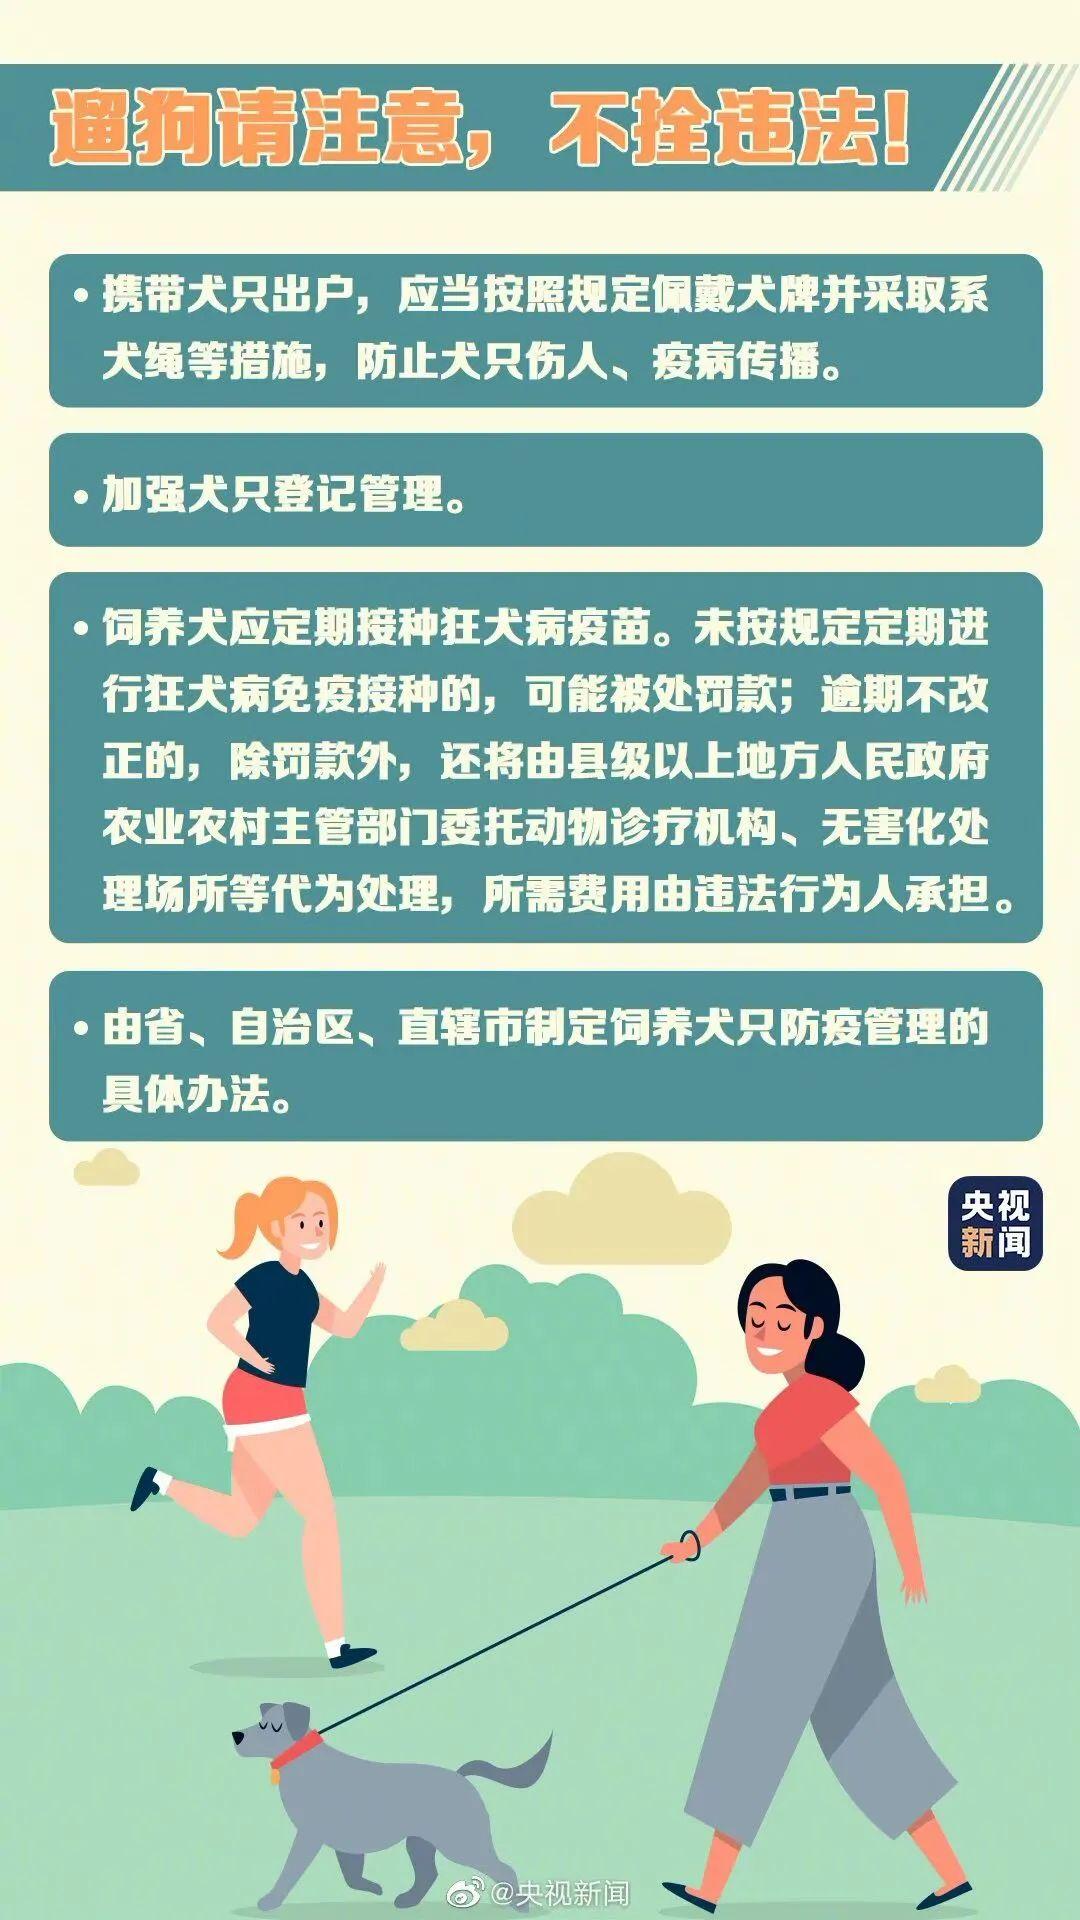 下周上班时间有变化!5月1日起,遛狗不拴绳违法!